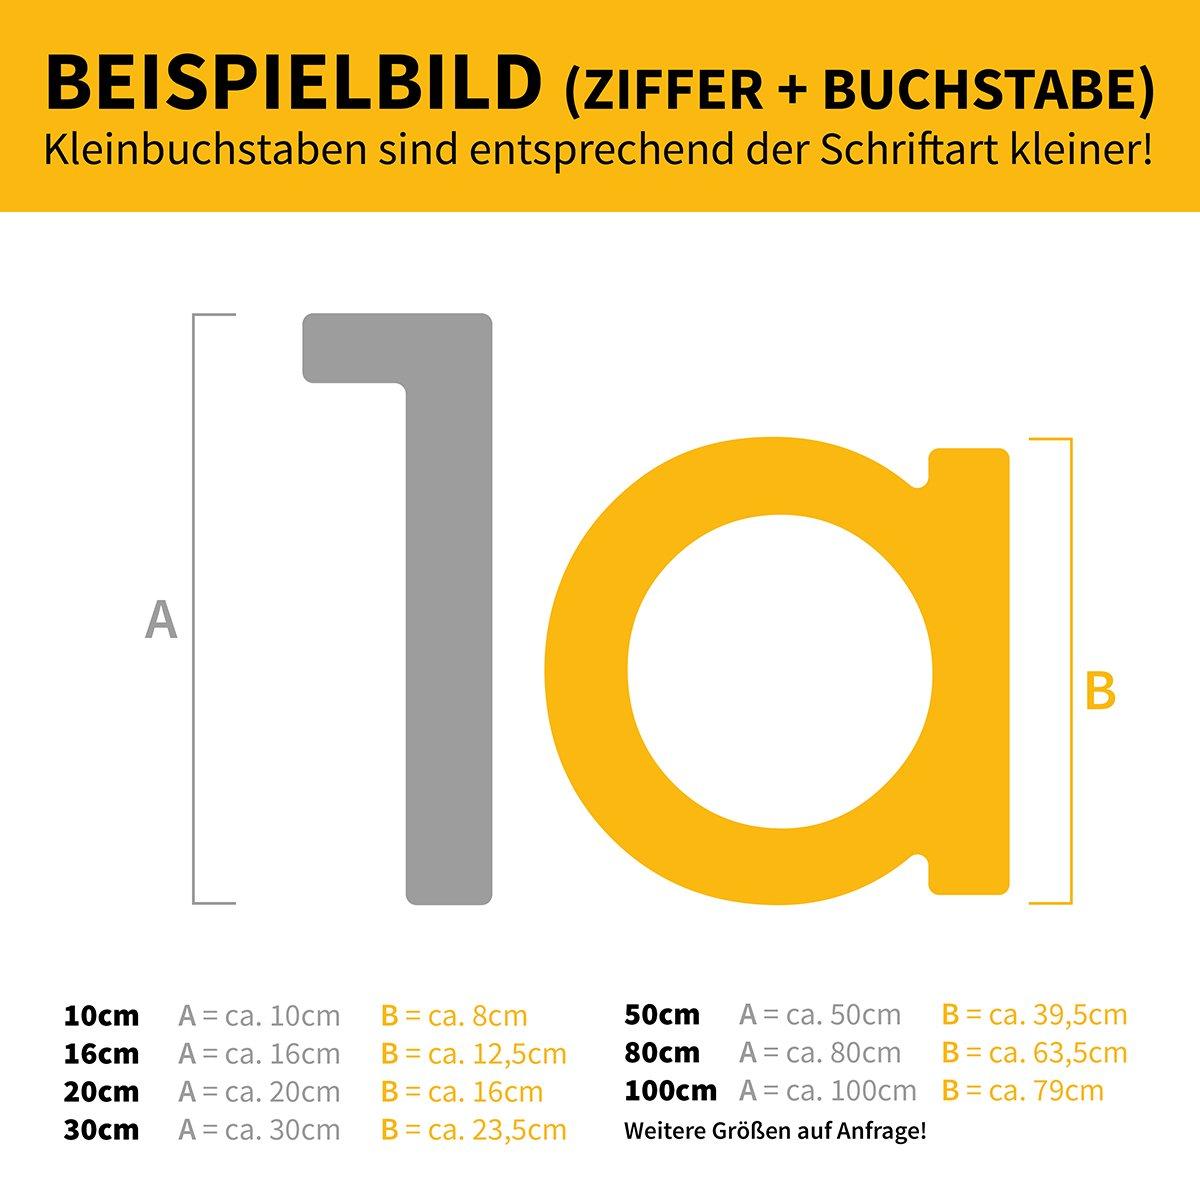 anthrazit pulverbeschichtet H: 160mm 4 RAL 7016 Thorwa/® Design Edelstahl Hausnummer modern Avant Garde Stil